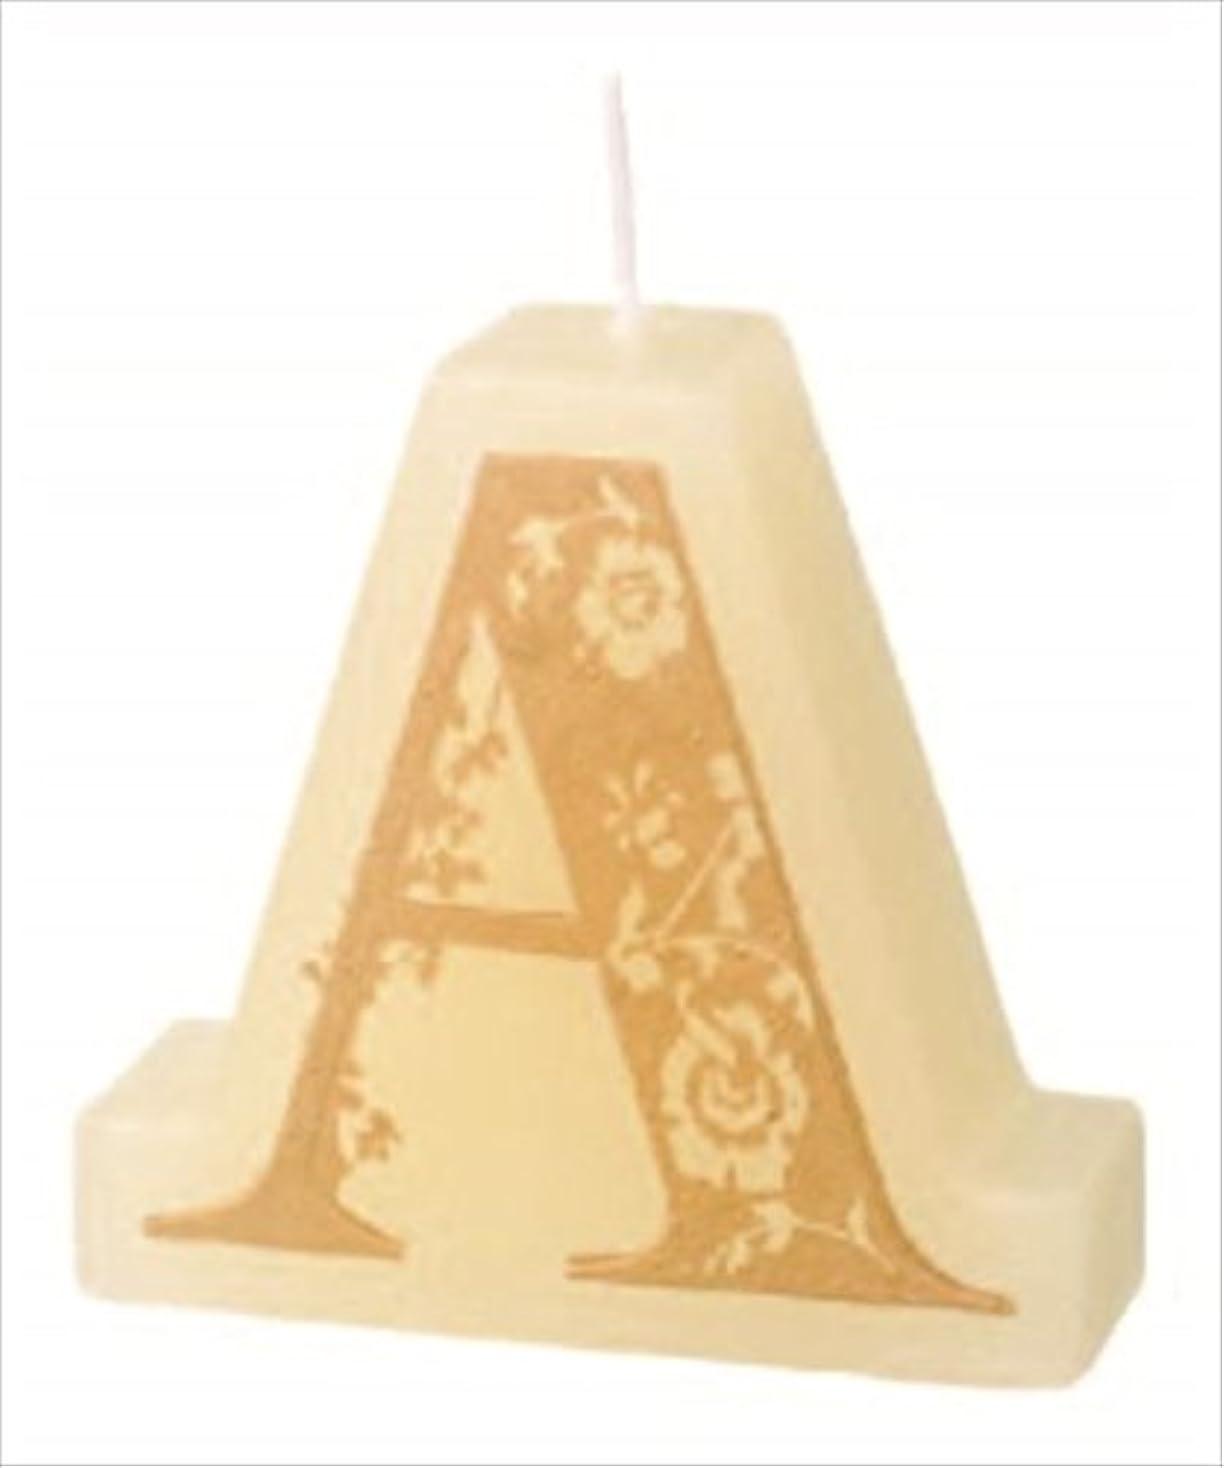 クリア横たわるカウボーイカメヤマキャンドル(kameyama candle) イニシャルキャンドルミニ 「 A 」